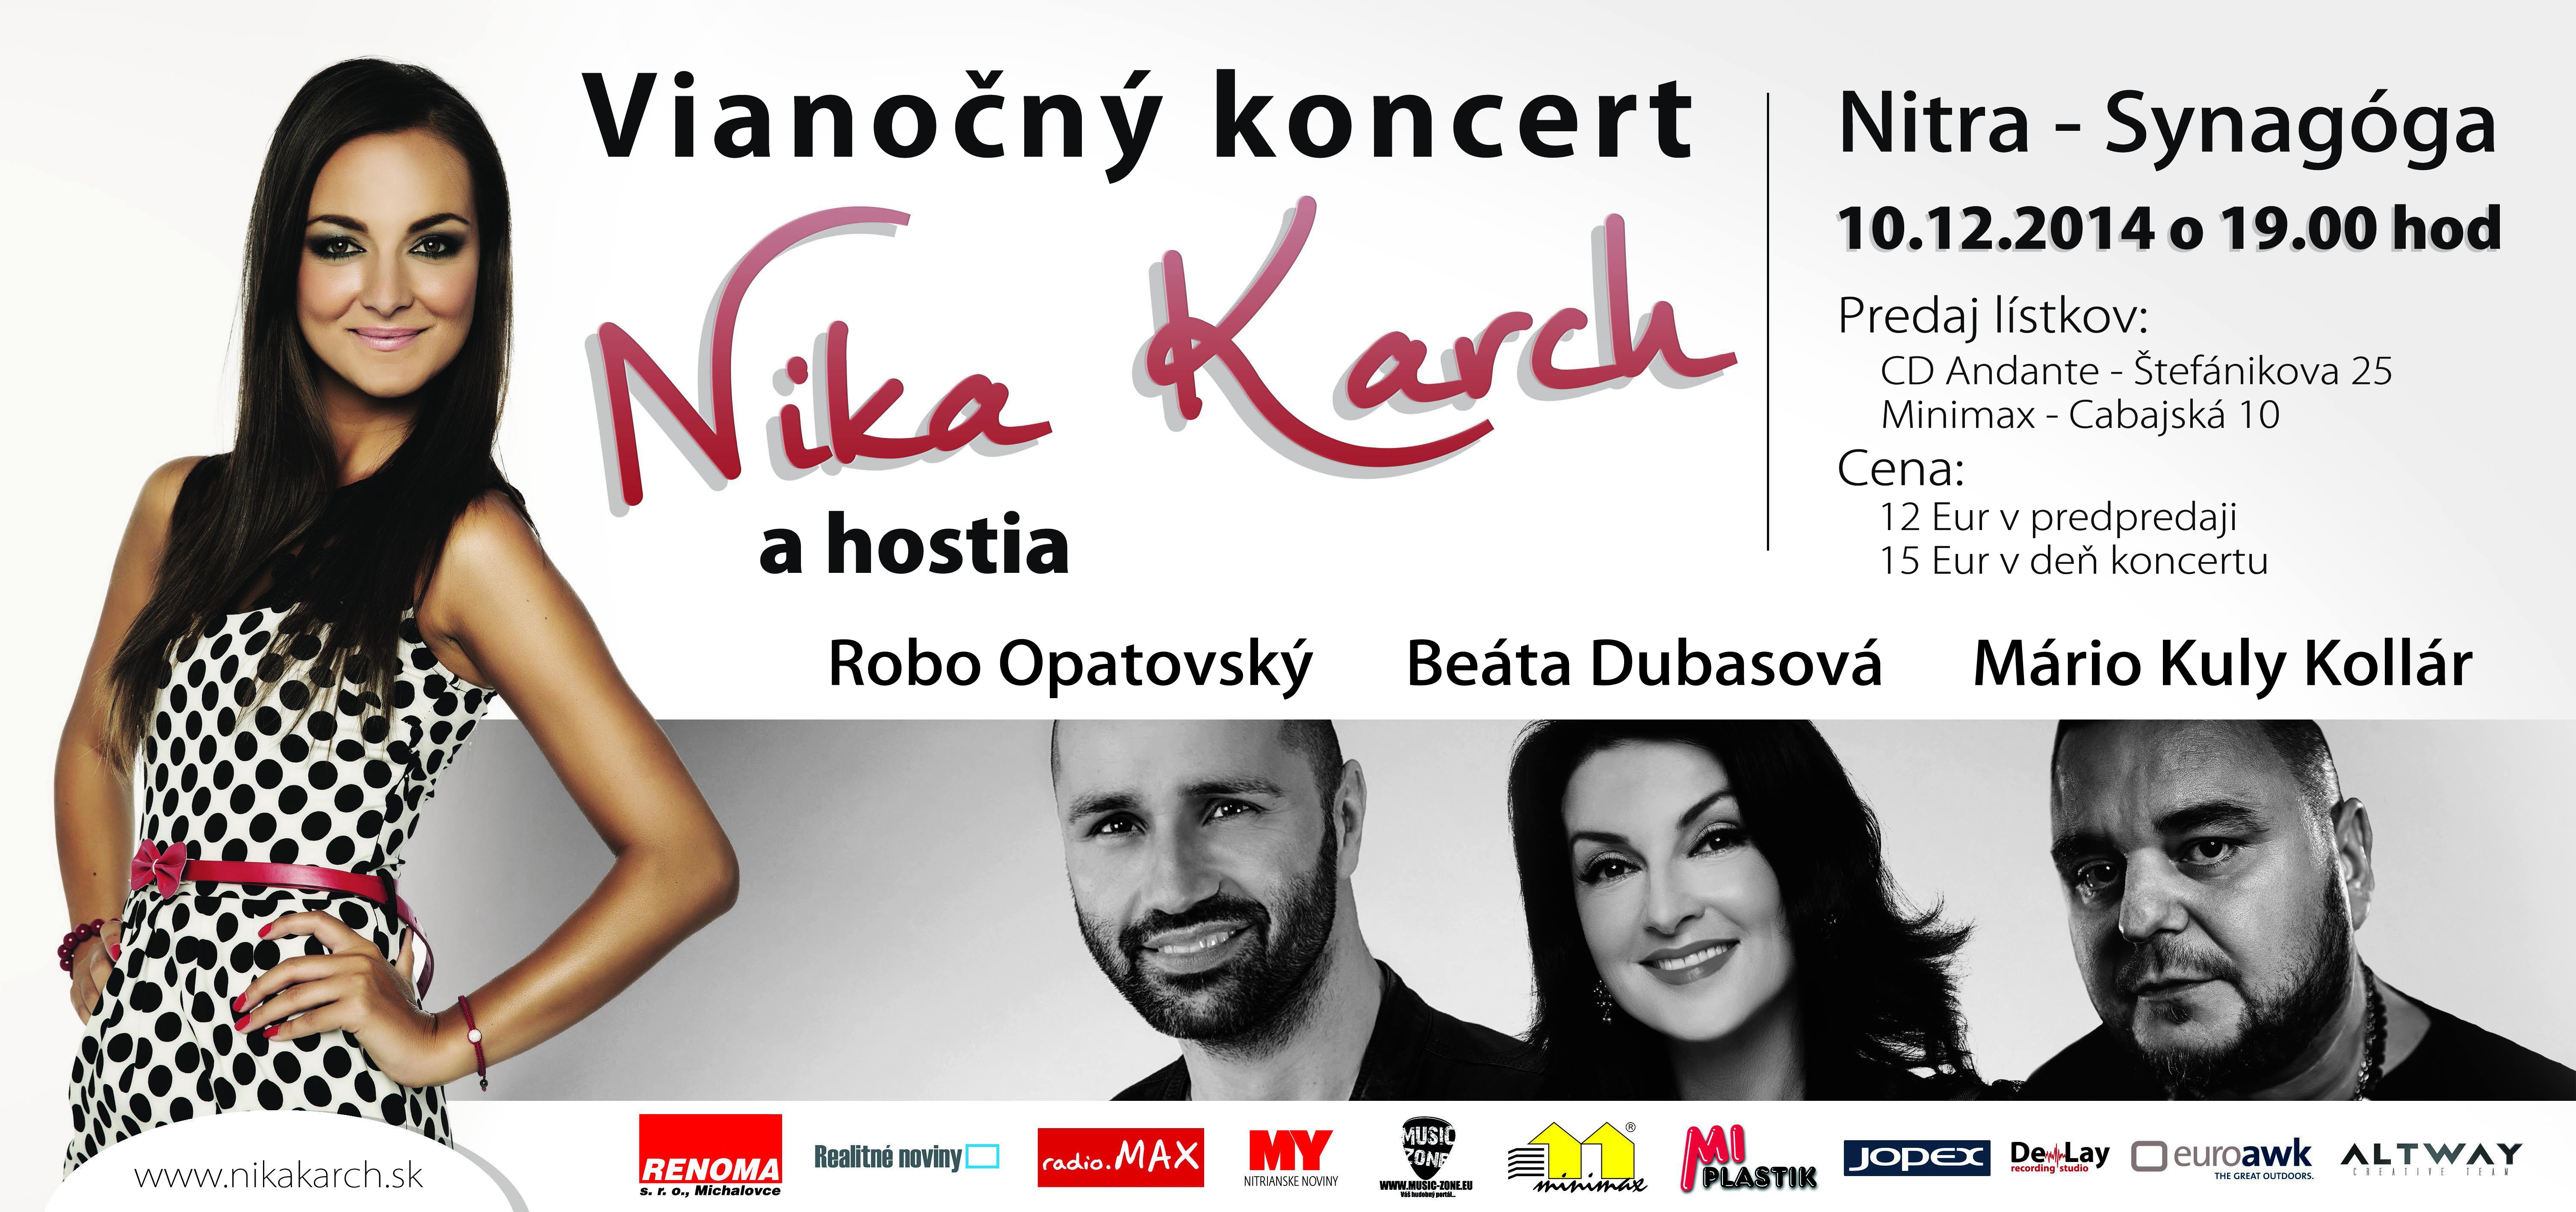 Vianočný koncert Niky Karch v Synagóge - Služby a rôzne  de2e341db51